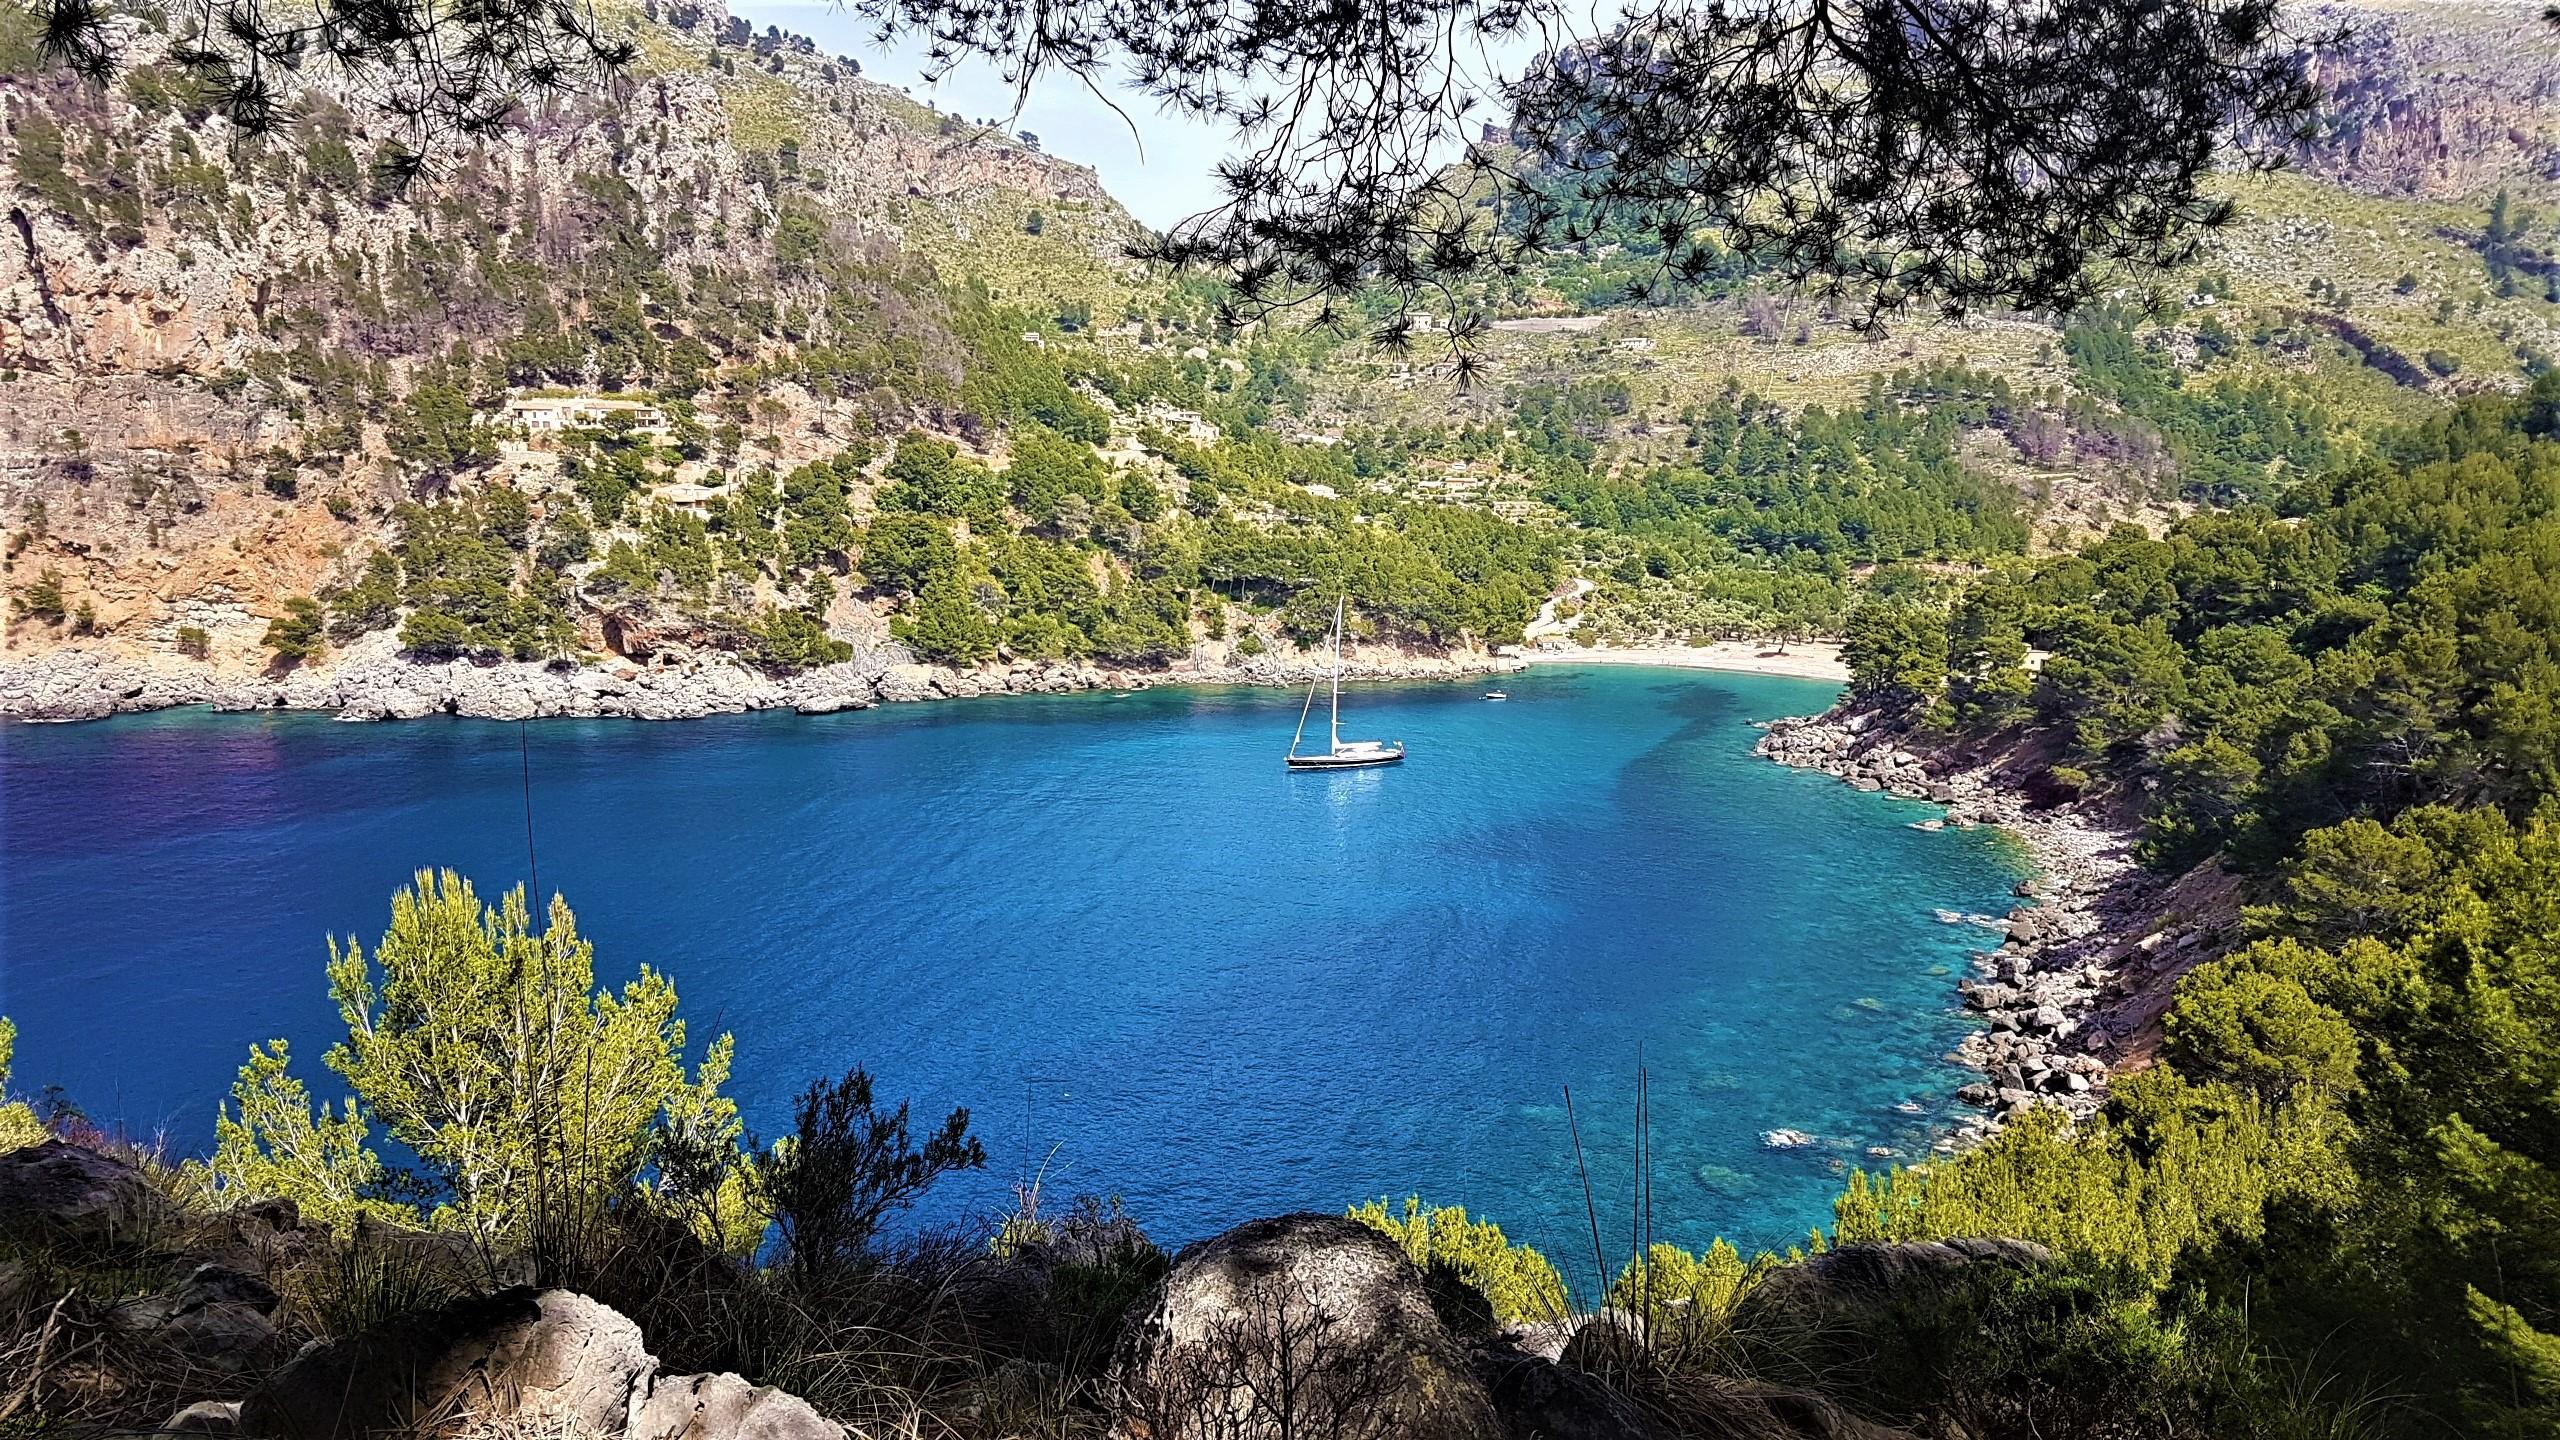 Trekking in Montenegro with ExploraMunt.com!